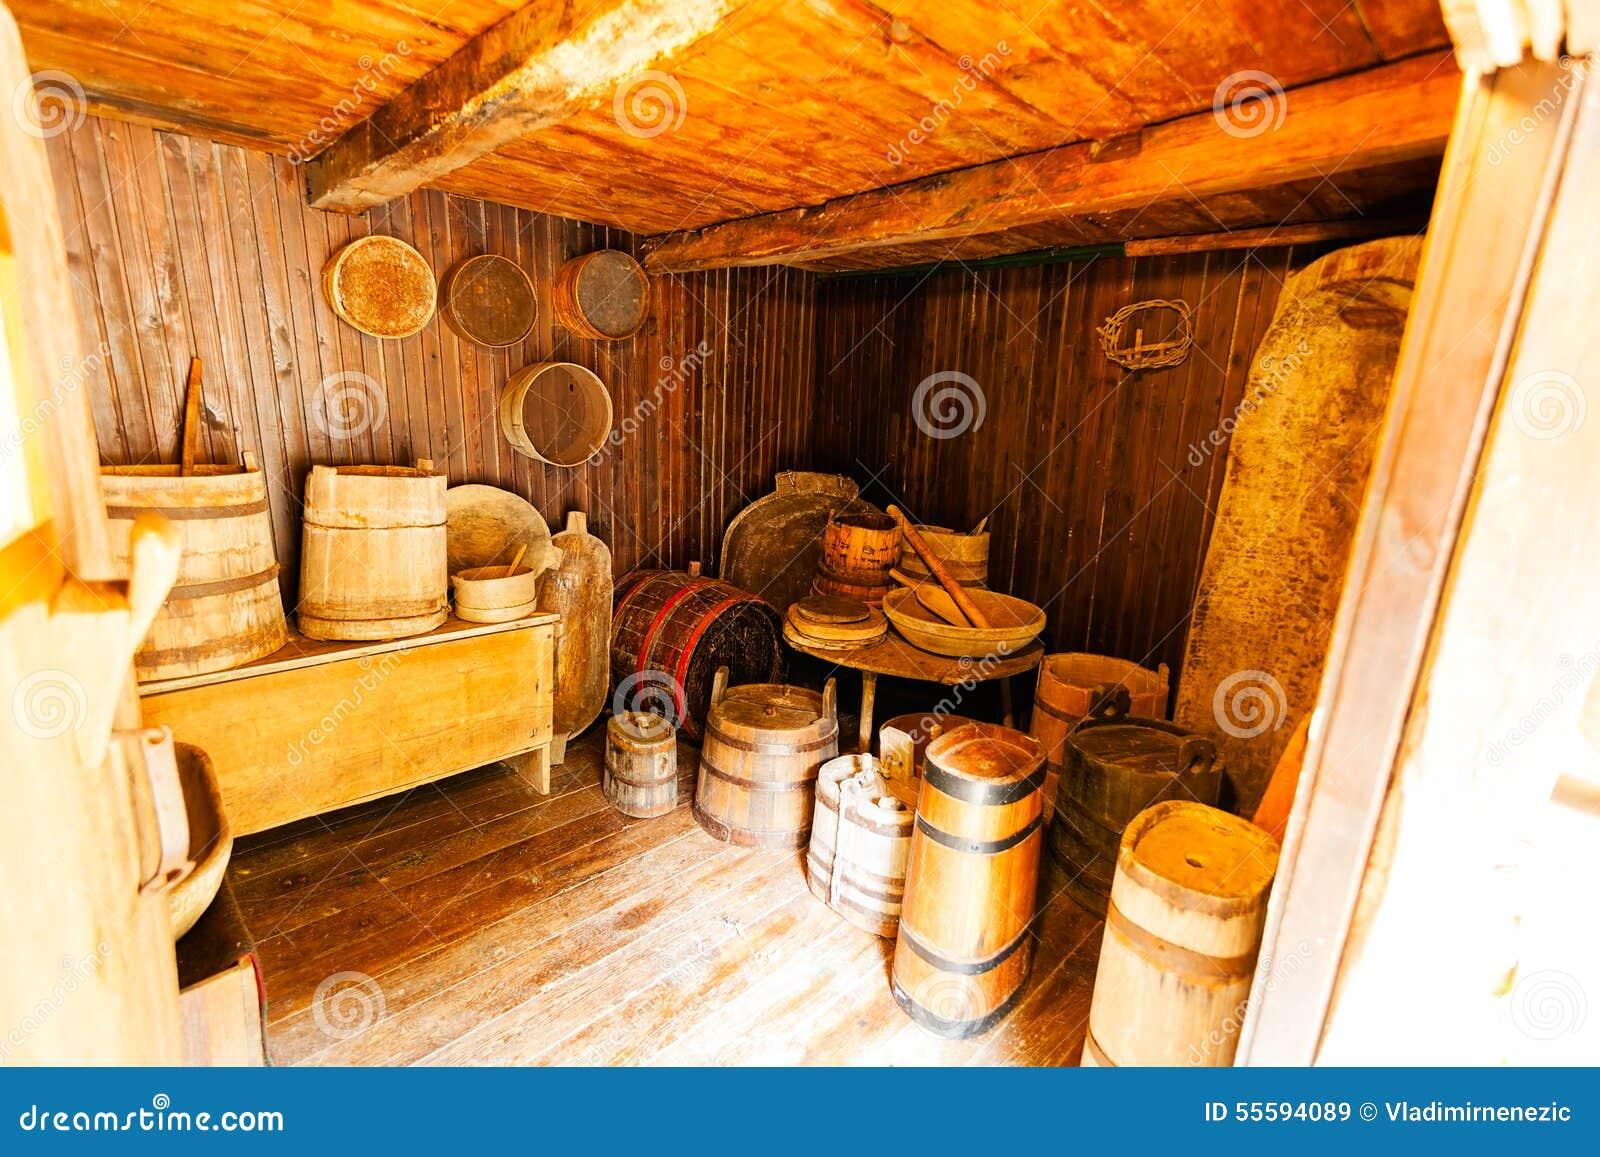 Int rieur en bois d 39 une vieille maison image stock image du cottage barri re 55594089 - Interieur d une maison ...